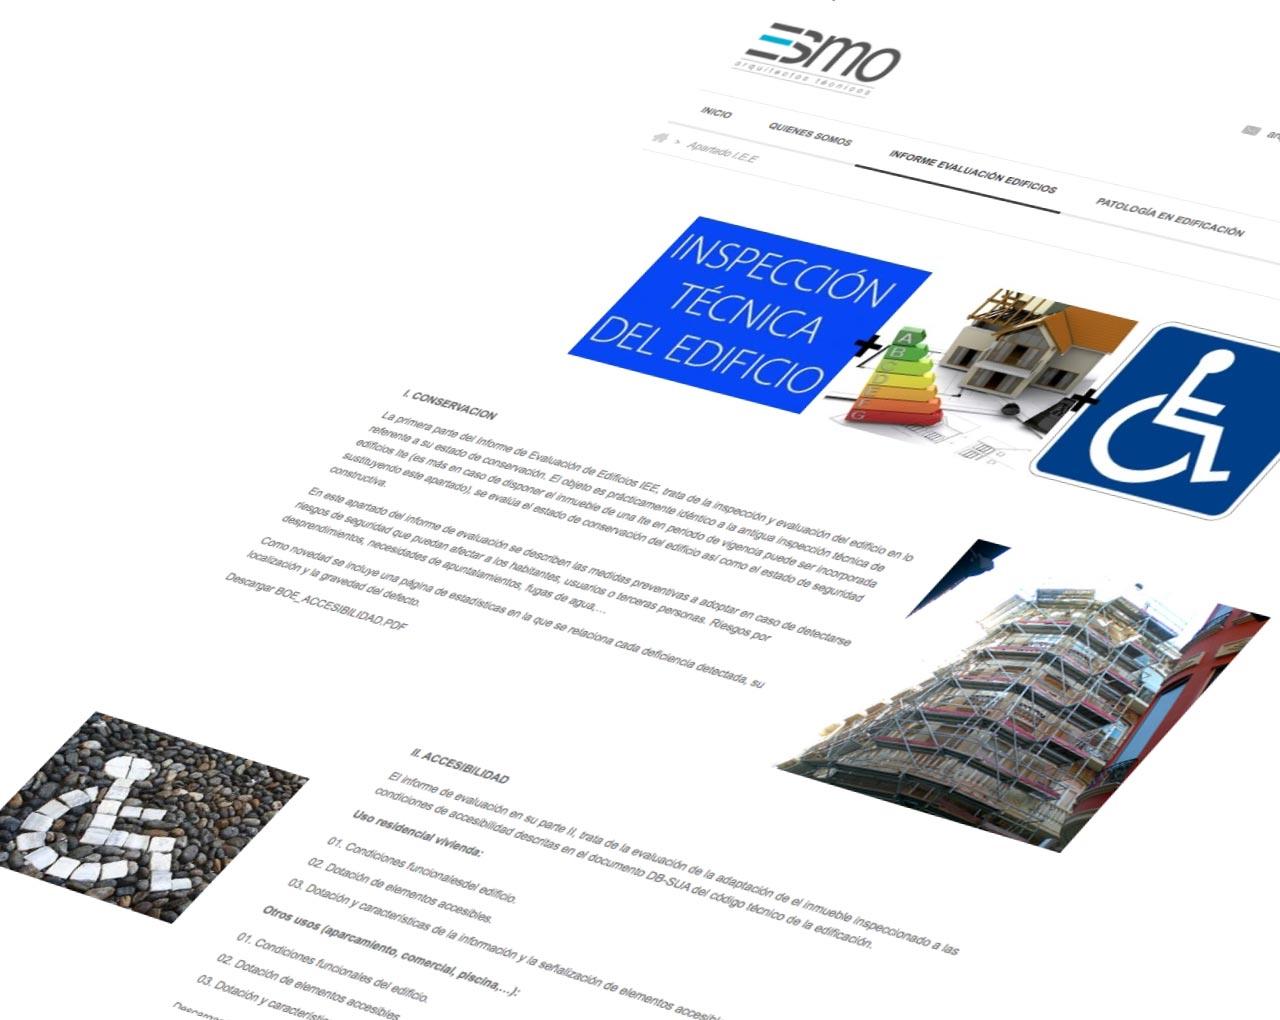 estudio de diseño grafico y web en murcia, esmo tecnicos